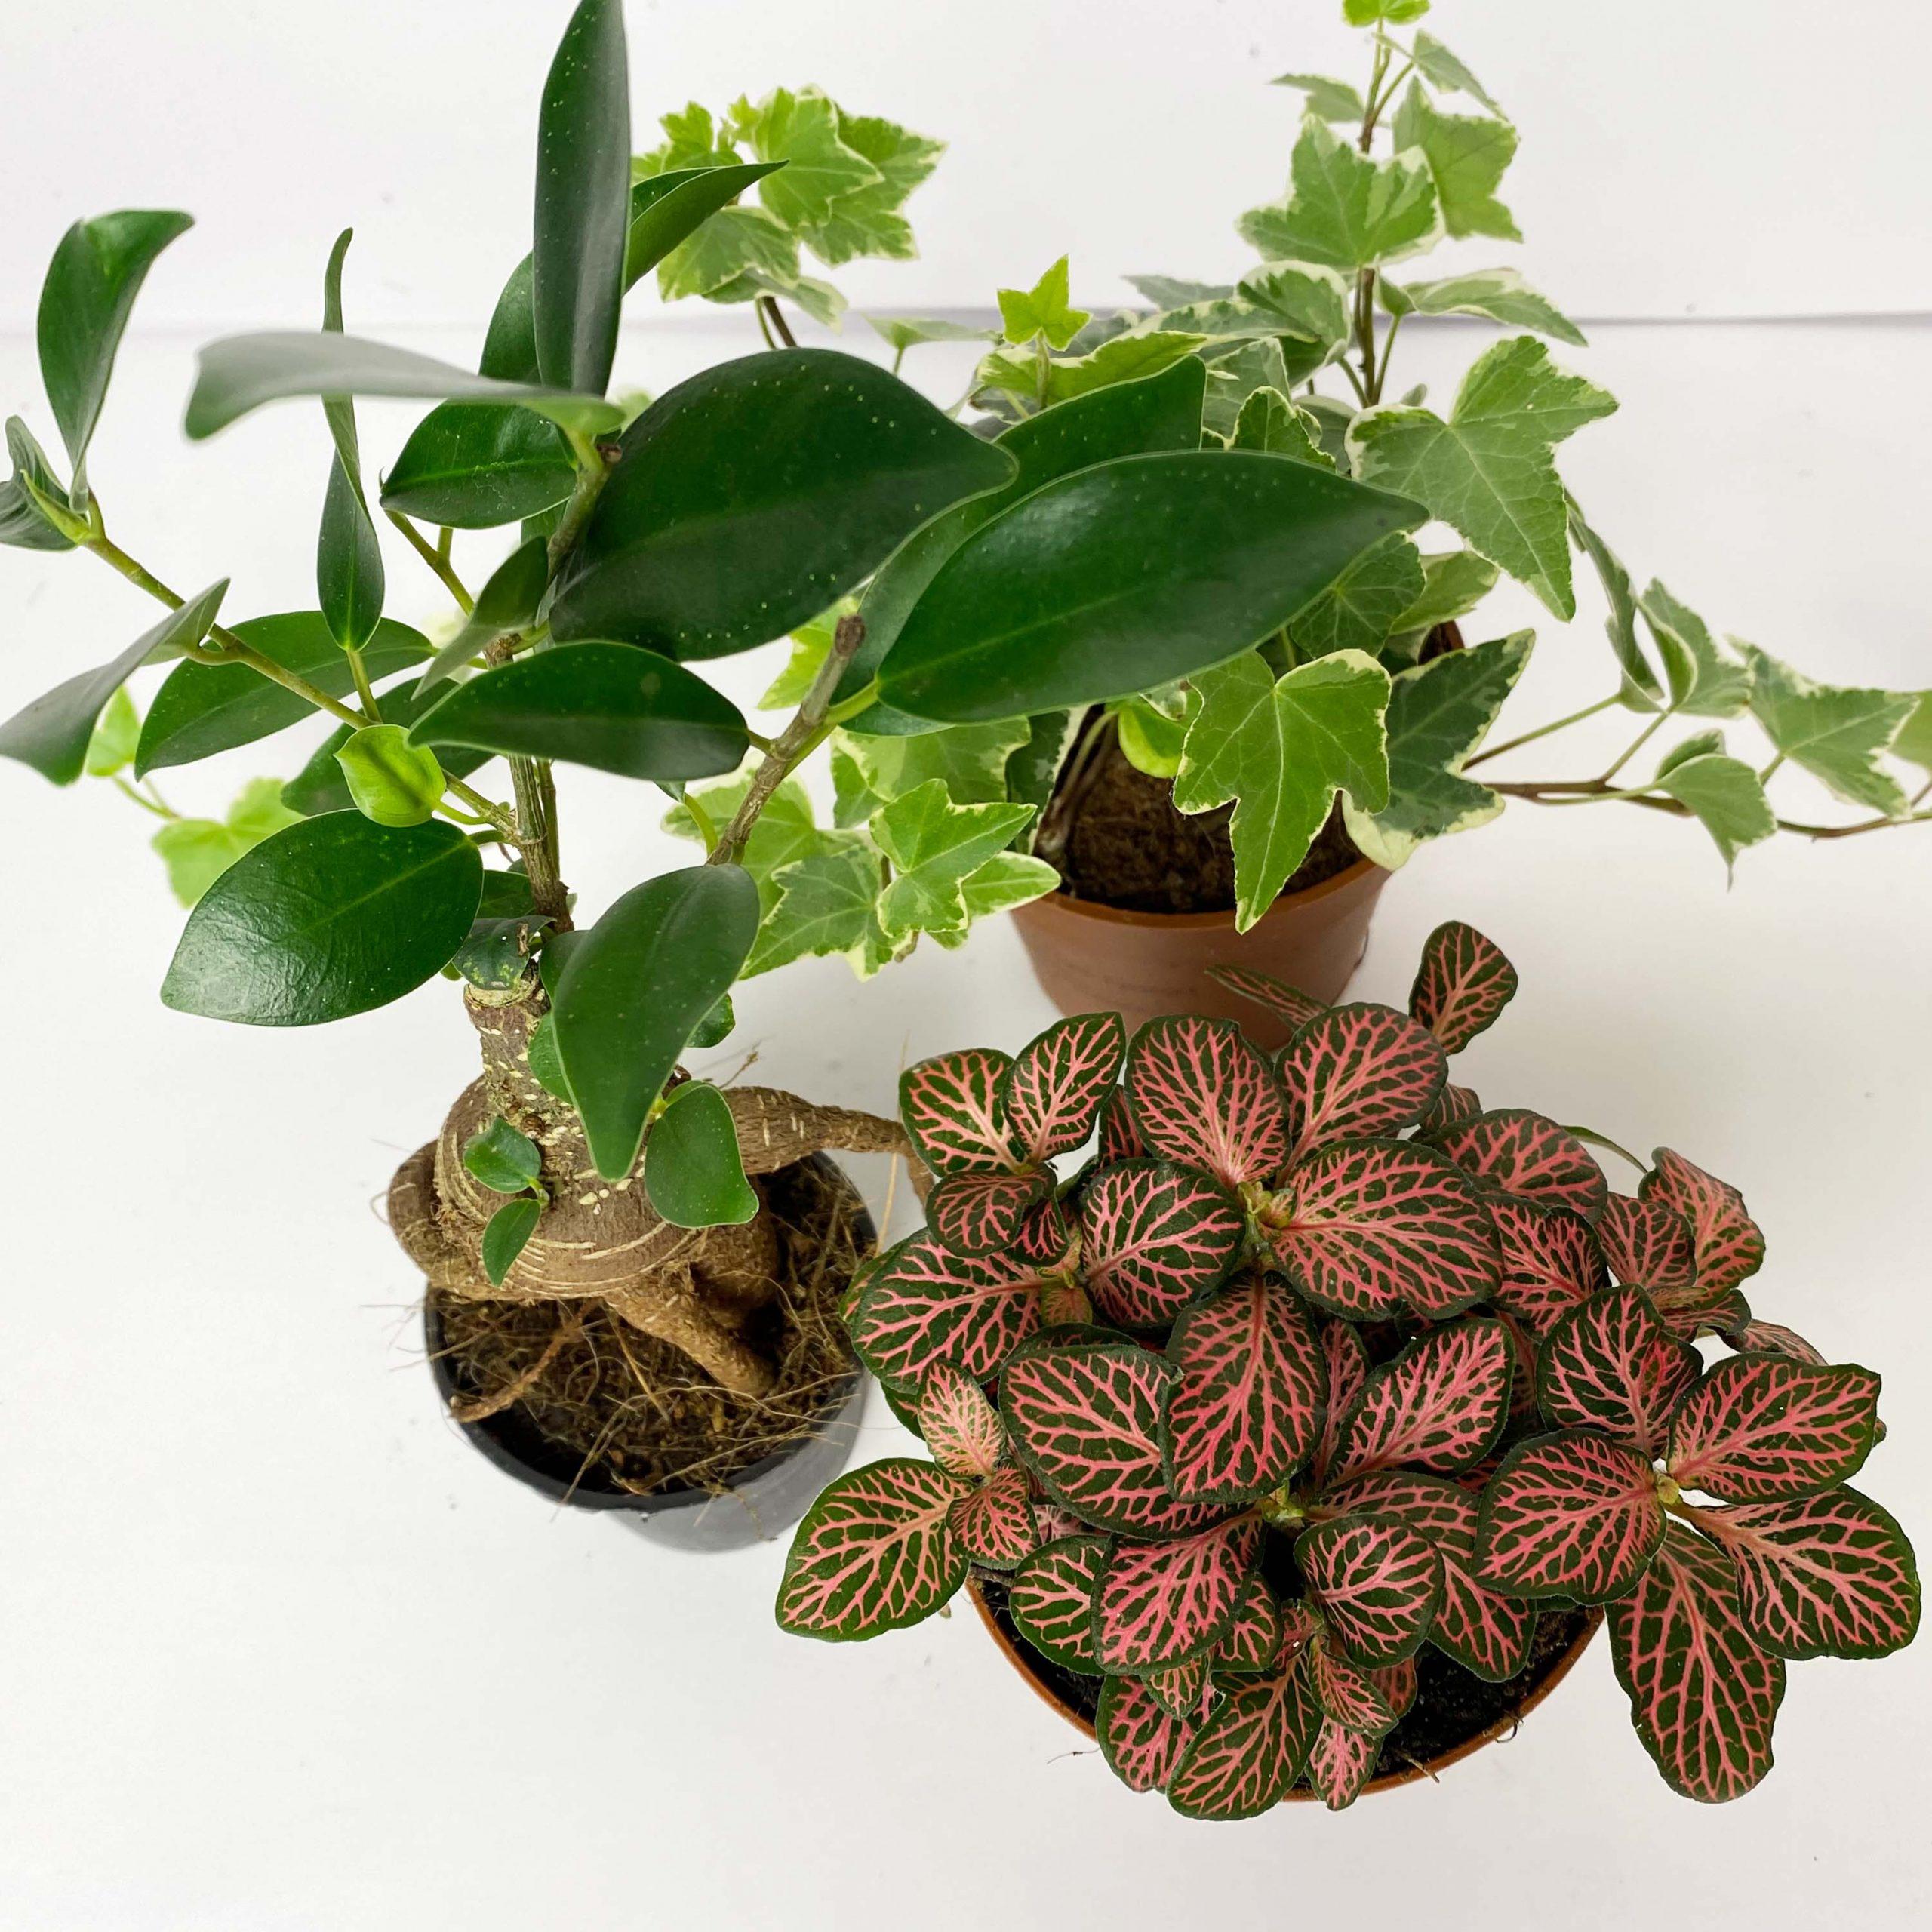 Le Piante Giuste Per Il Terrario Edera Ficus Ginseg Fittonia If Creative Hub